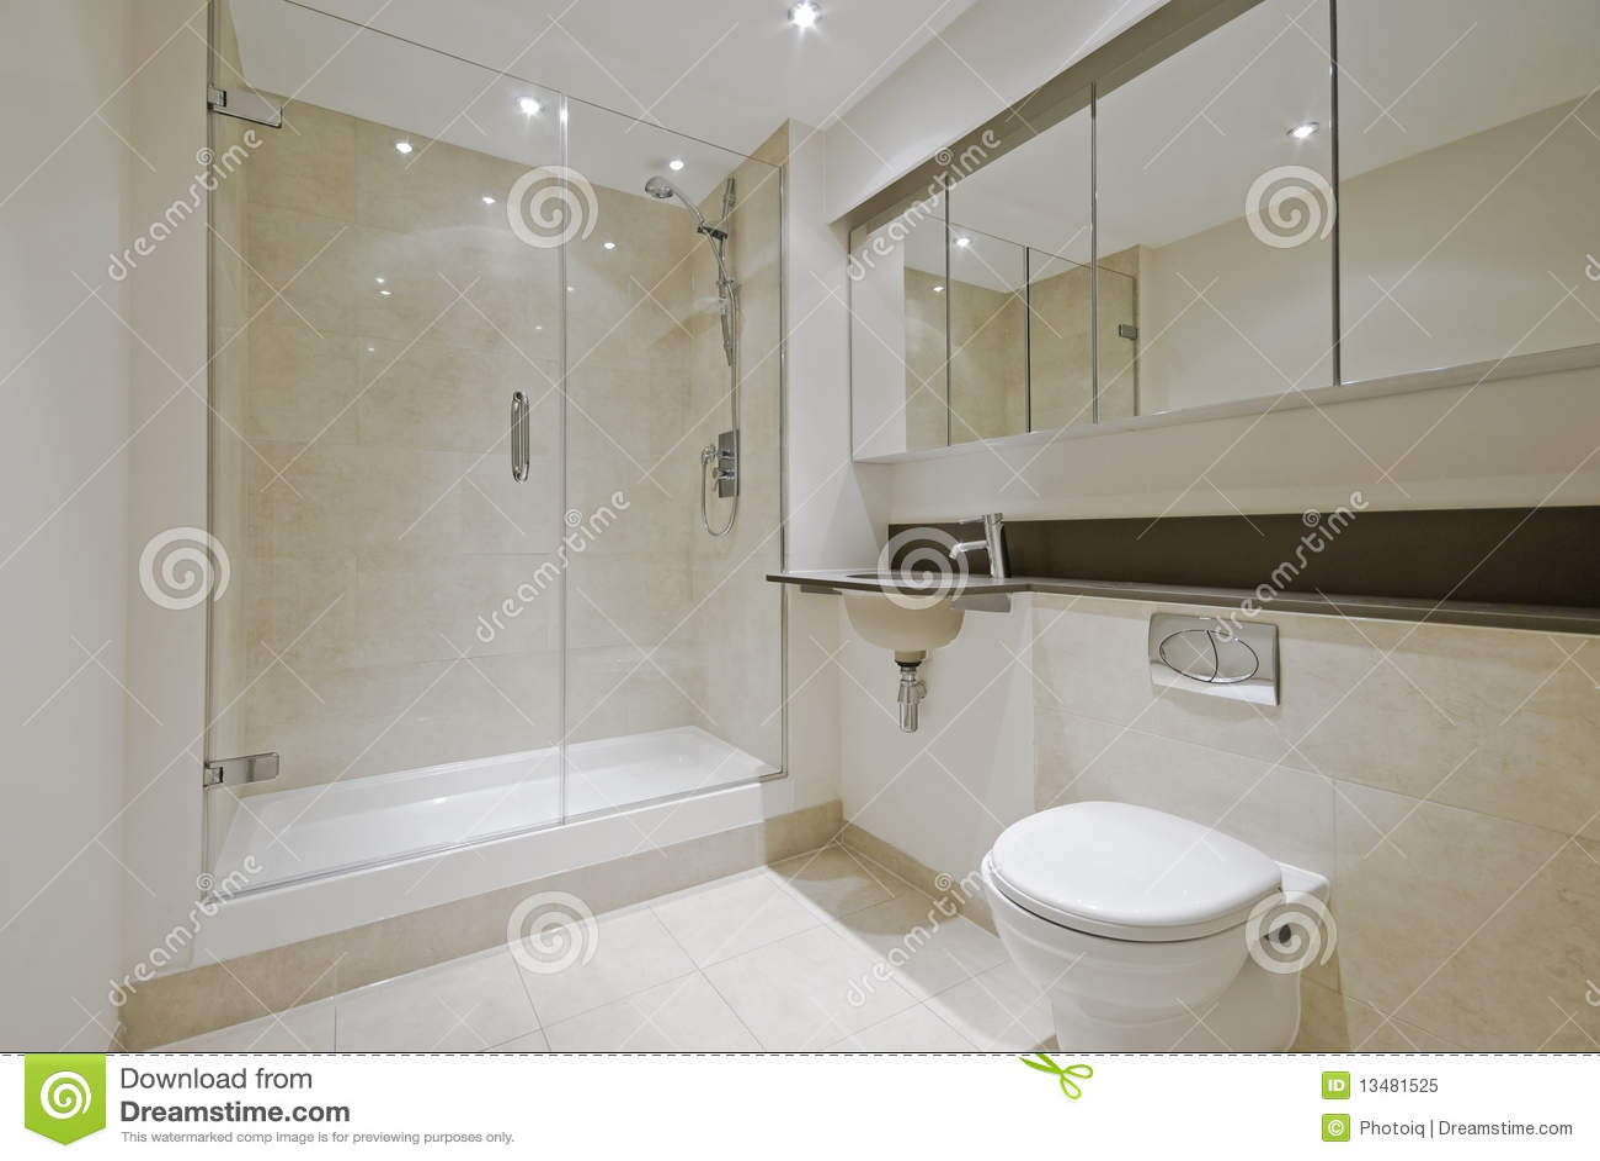 Baños Modernos De Marmol:Cuarto De Baño Moderno De La En-habitación Foto de archivo libre de